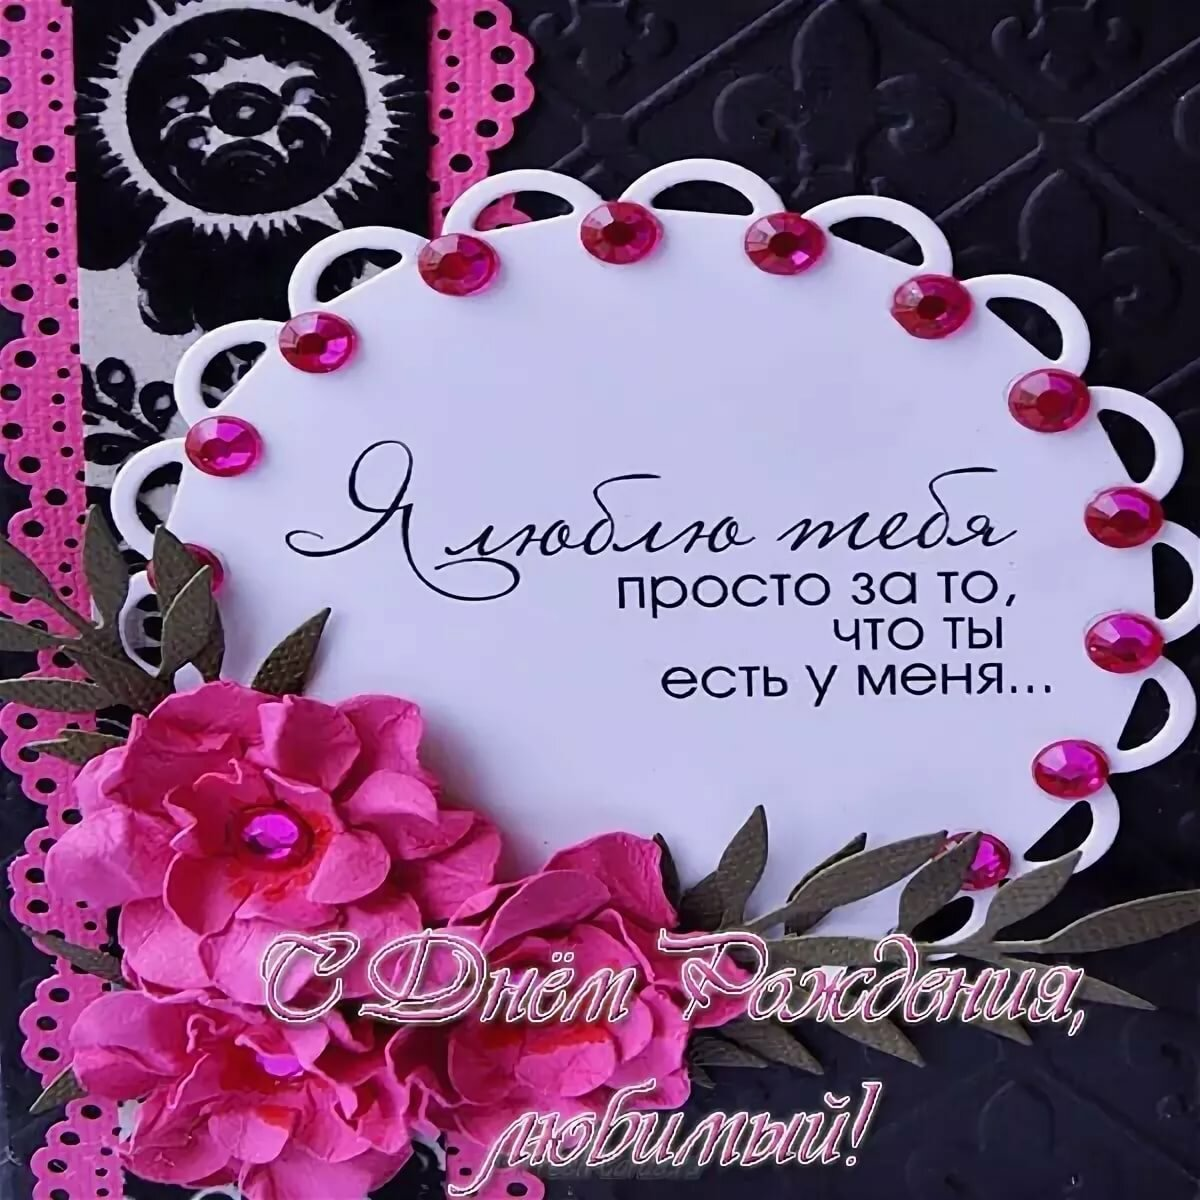 Про, открытки на день рождения для любимого человека